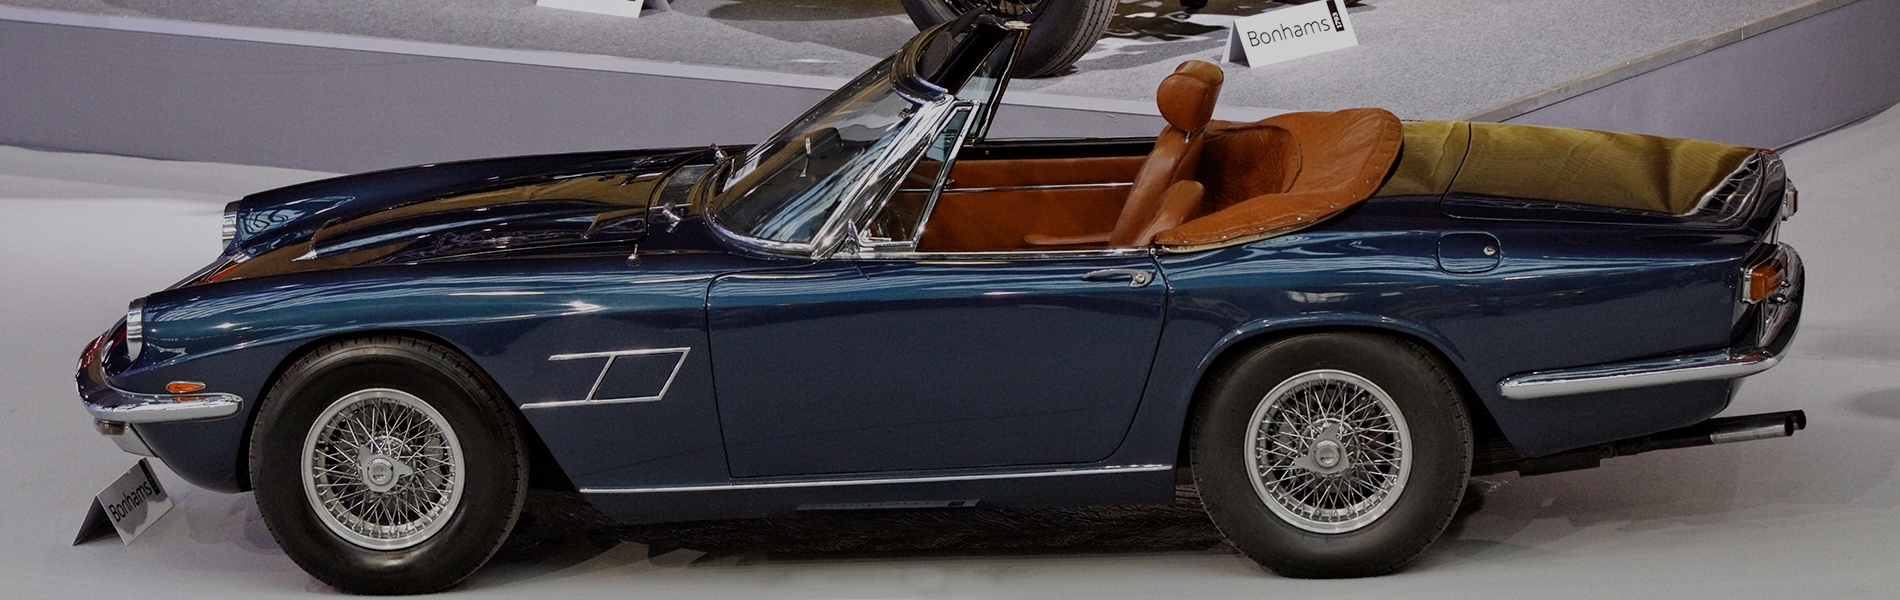 Maserati Mistral 4000 Spyder_- 1966 - Bonhams - Parigi 2012